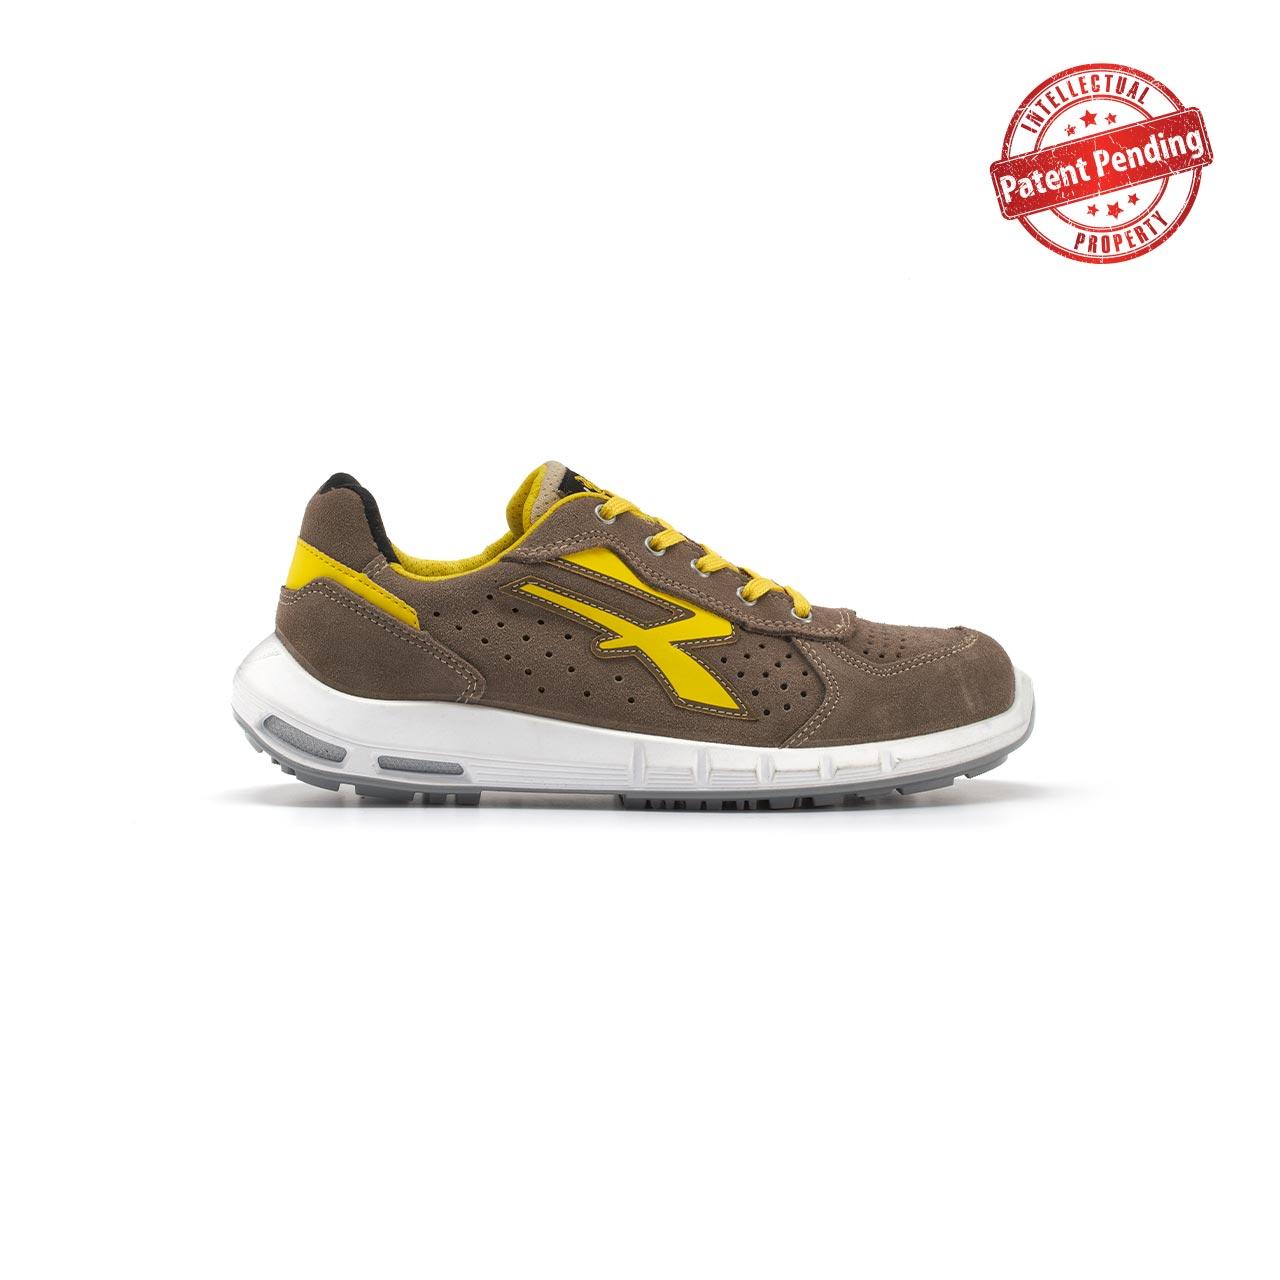 calzatura da lavoro upower modello dorado plus linea redup plus vista lato destro